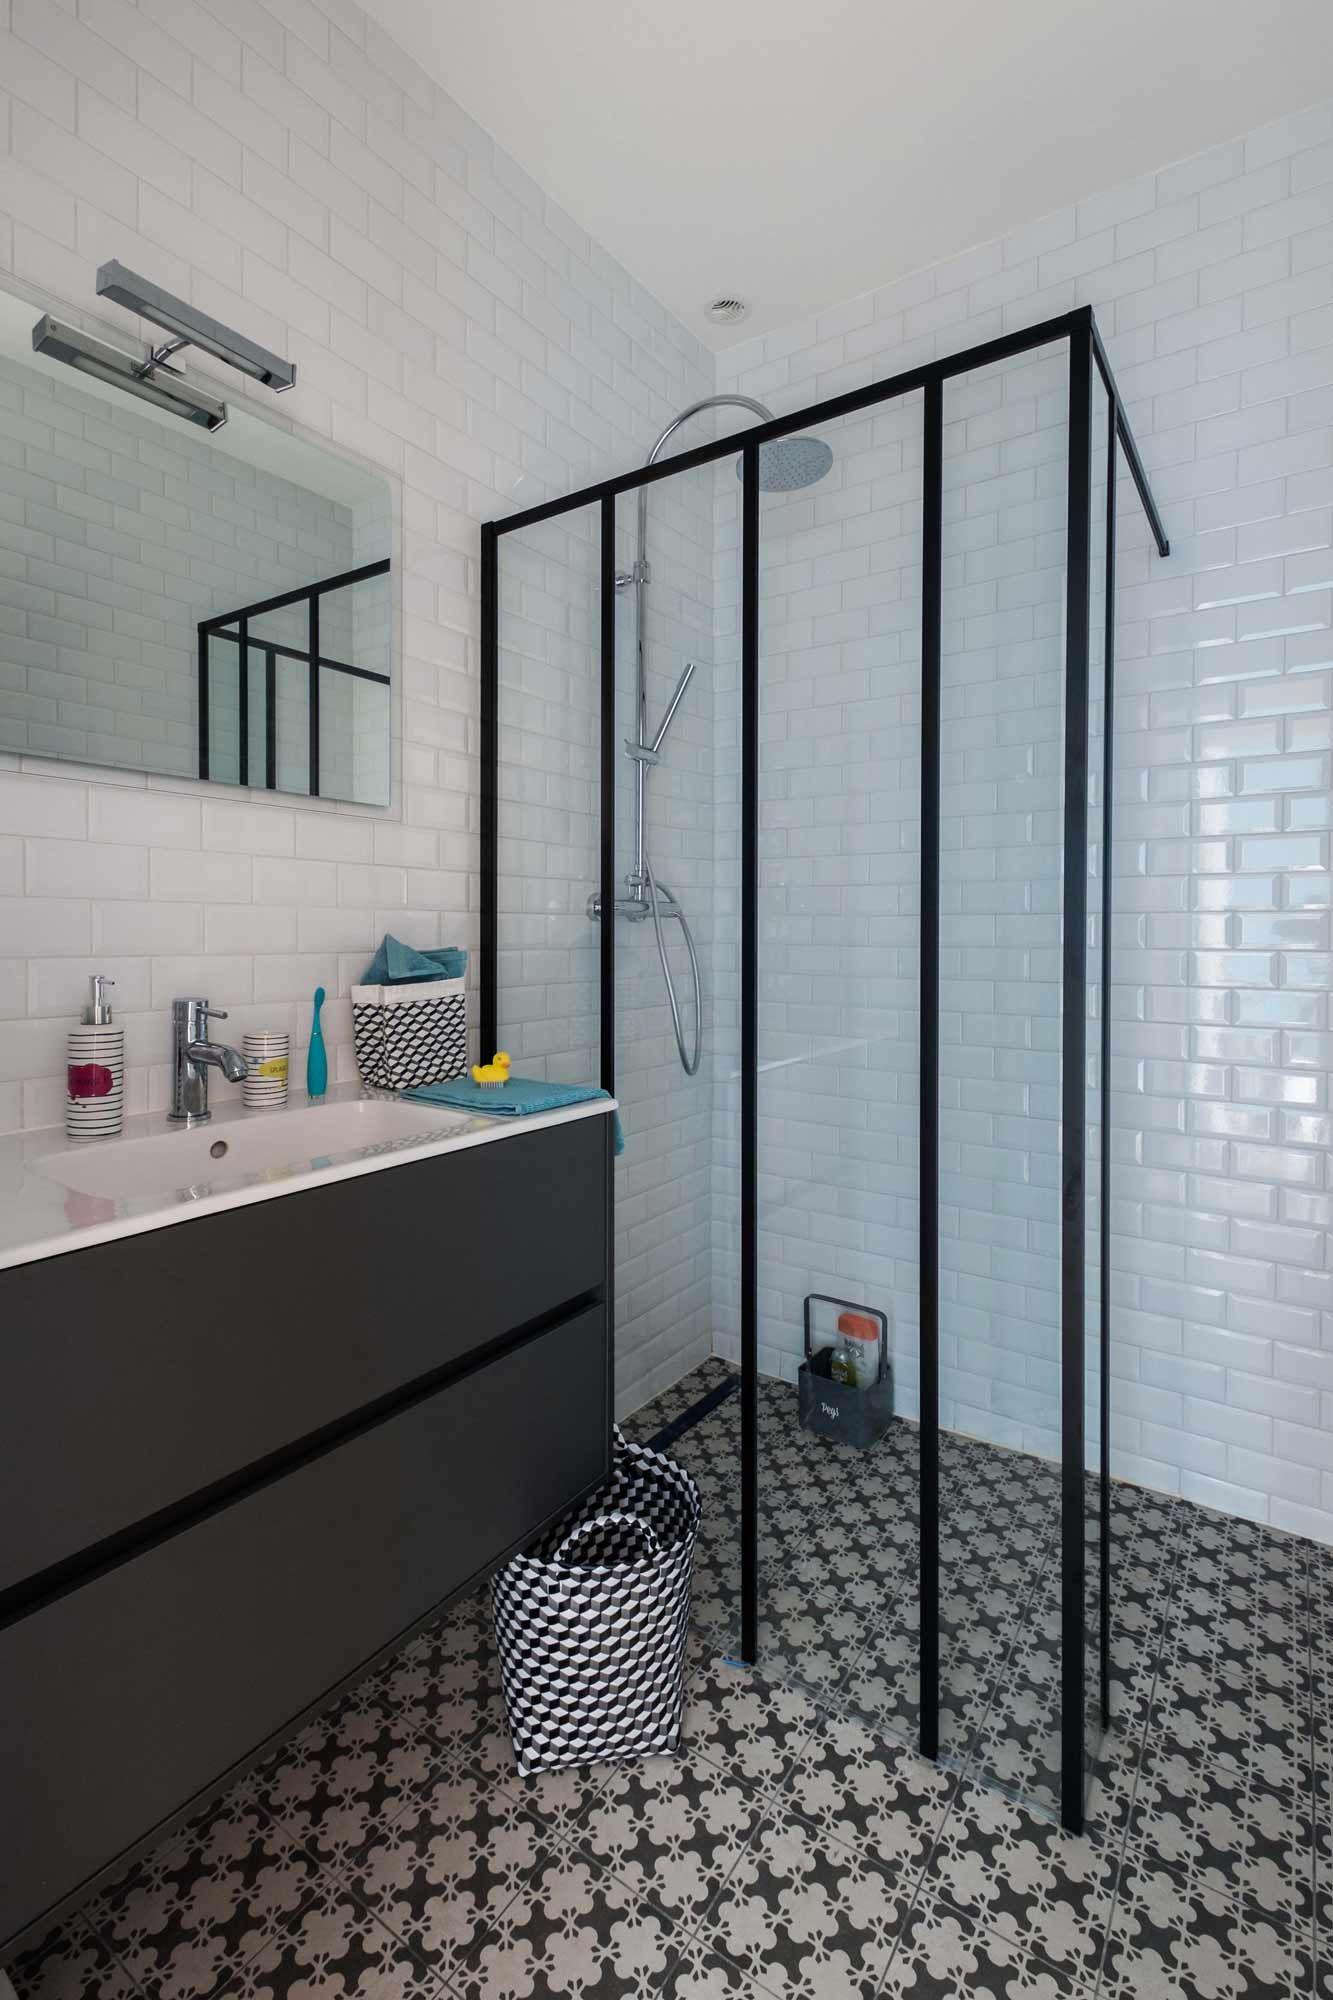 conception d 39 une salle de bain au carrelage motif et paroi de douche type verri re dans. Black Bedroom Furniture Sets. Home Design Ideas